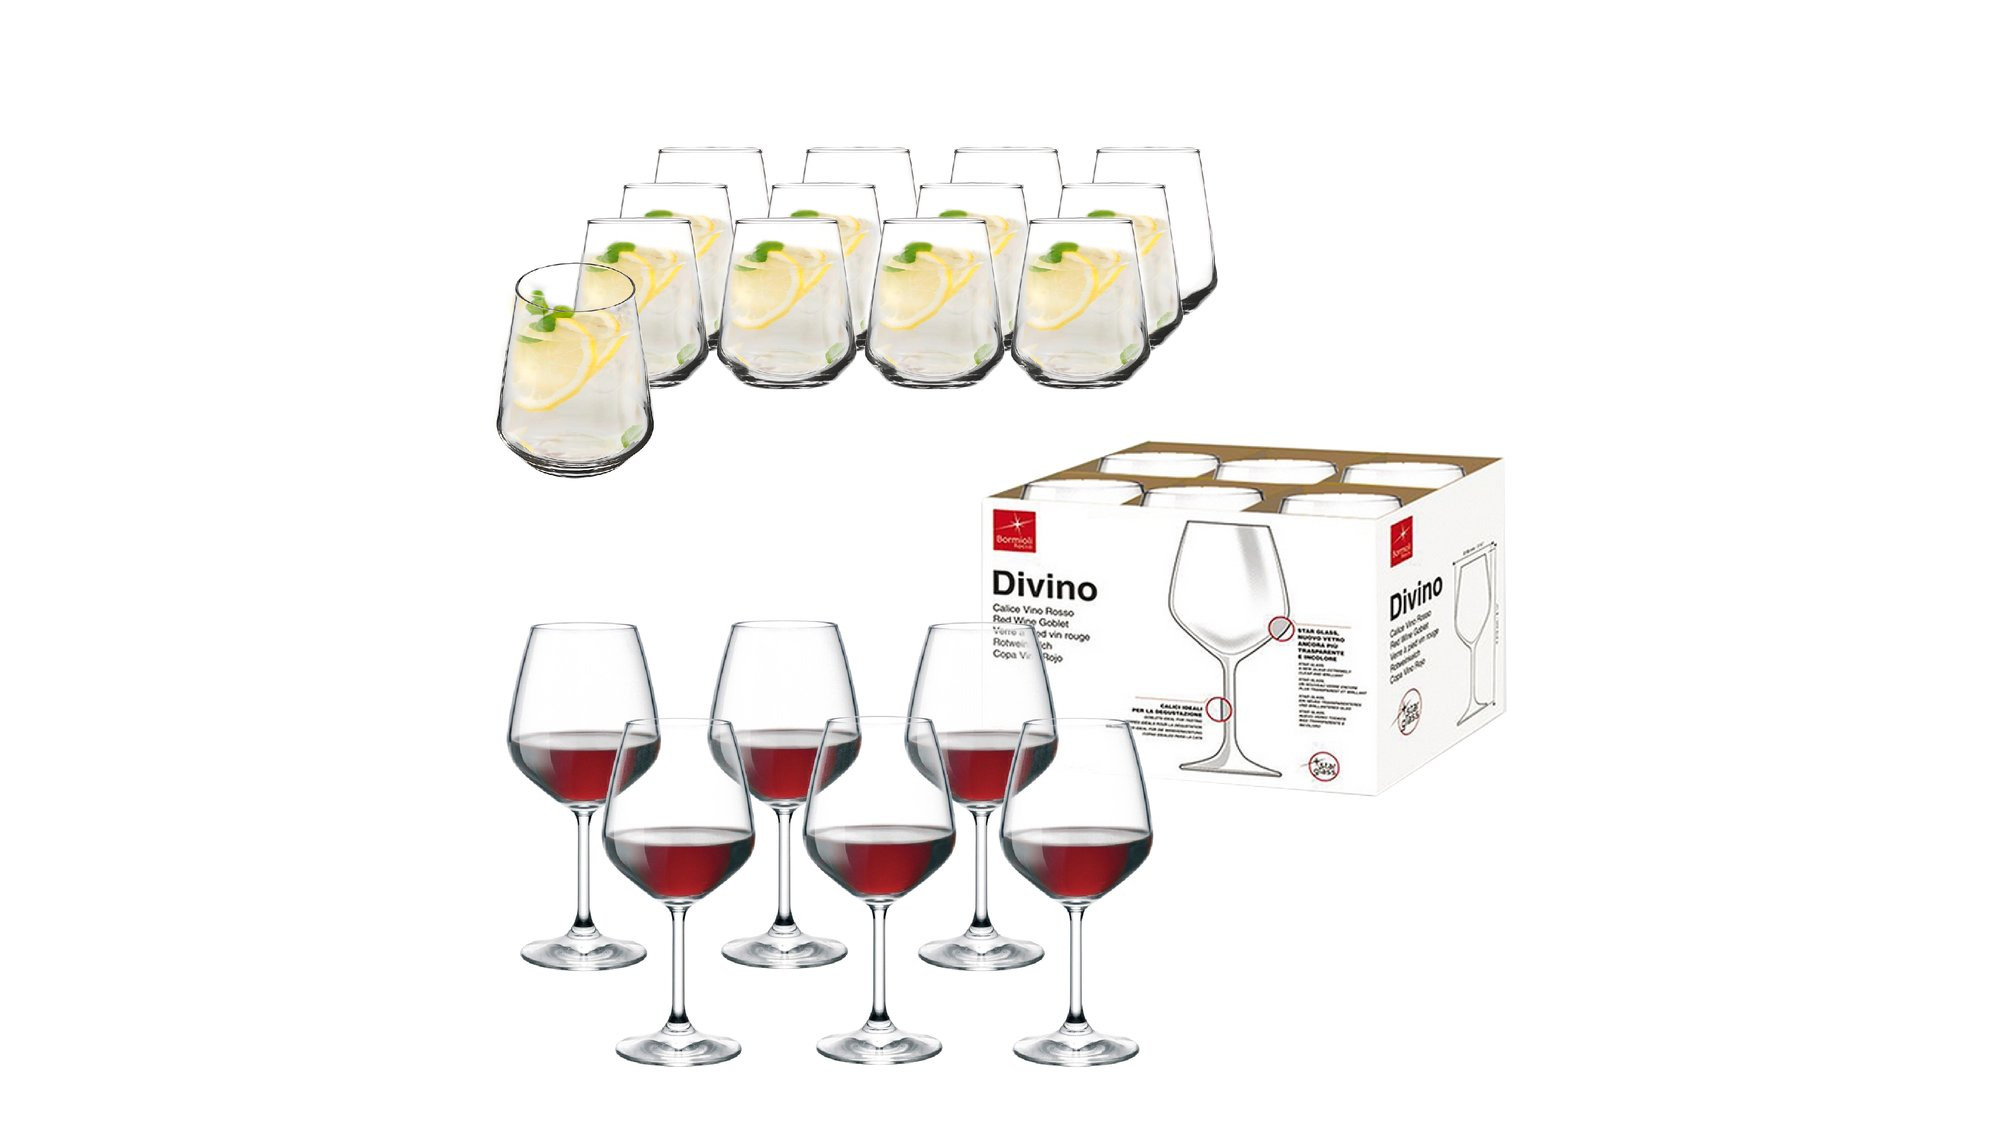 Shportë Kuzhine 6 Gota Vere Divino dhe 12 Gota Uji Contea Falas